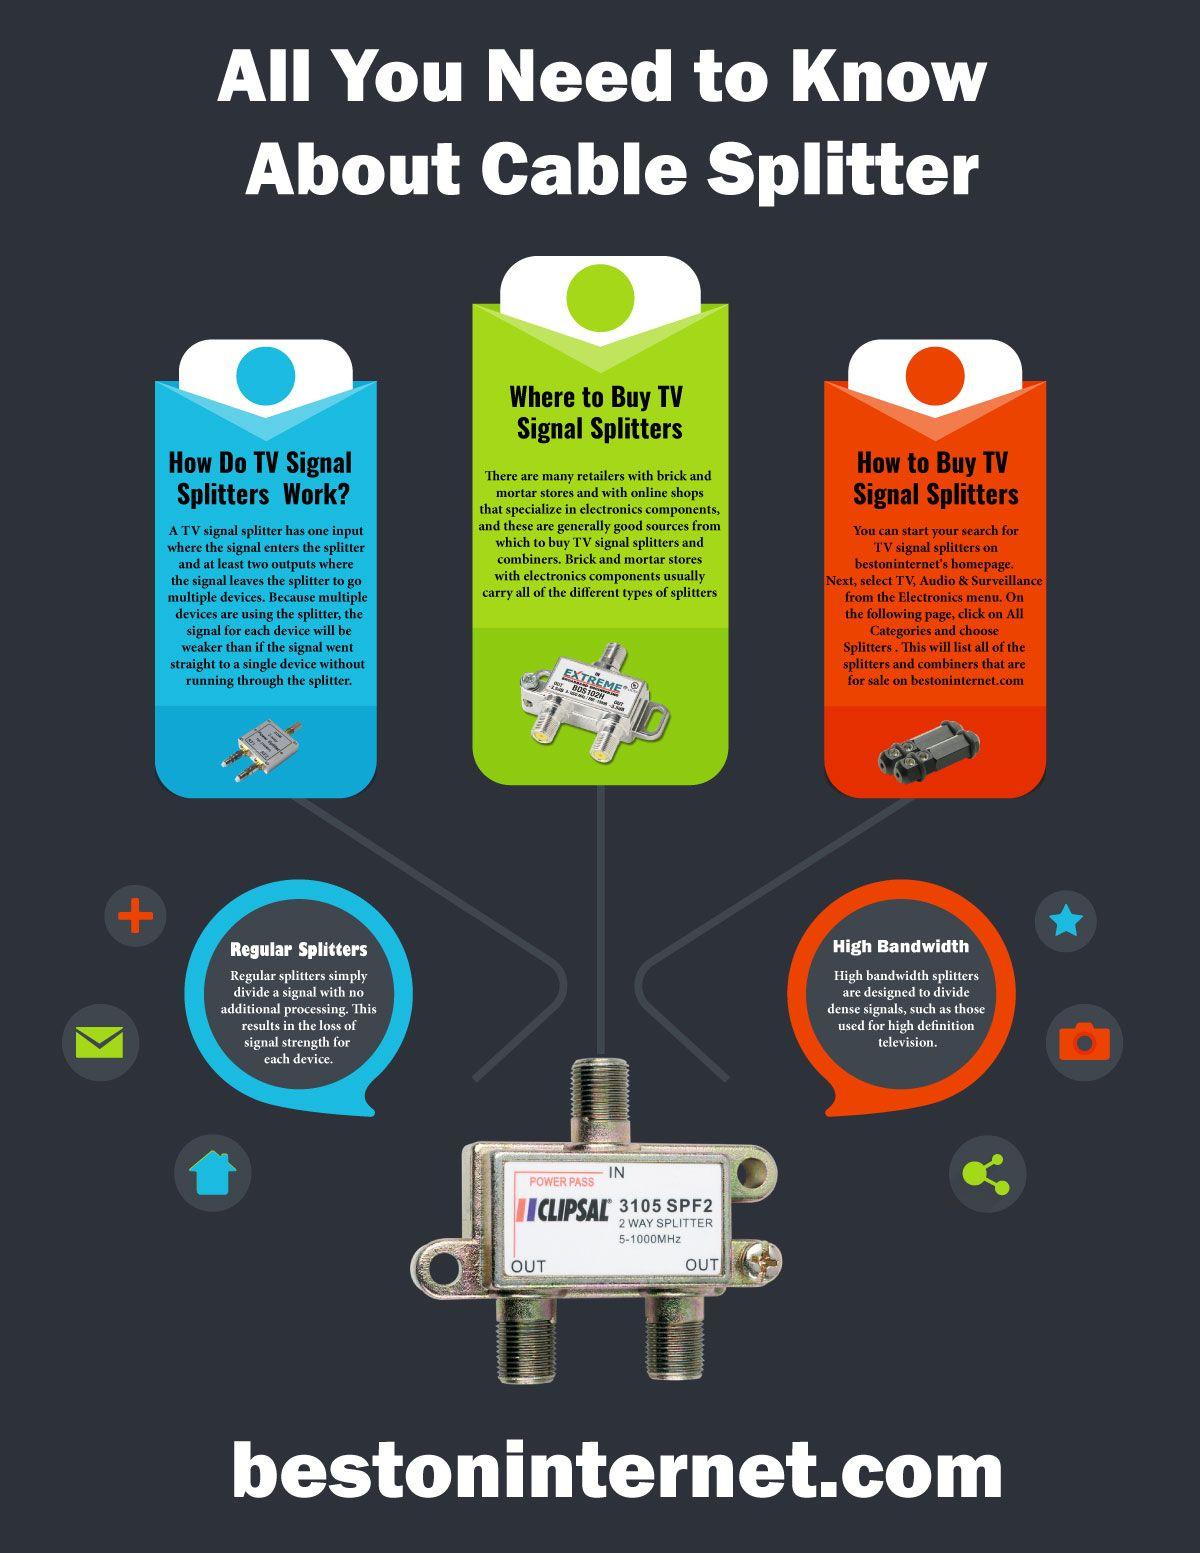 Tips For Buying Cablesplitter Tv Http Bestoninternetcom Signal Splitter Wiring Diagram